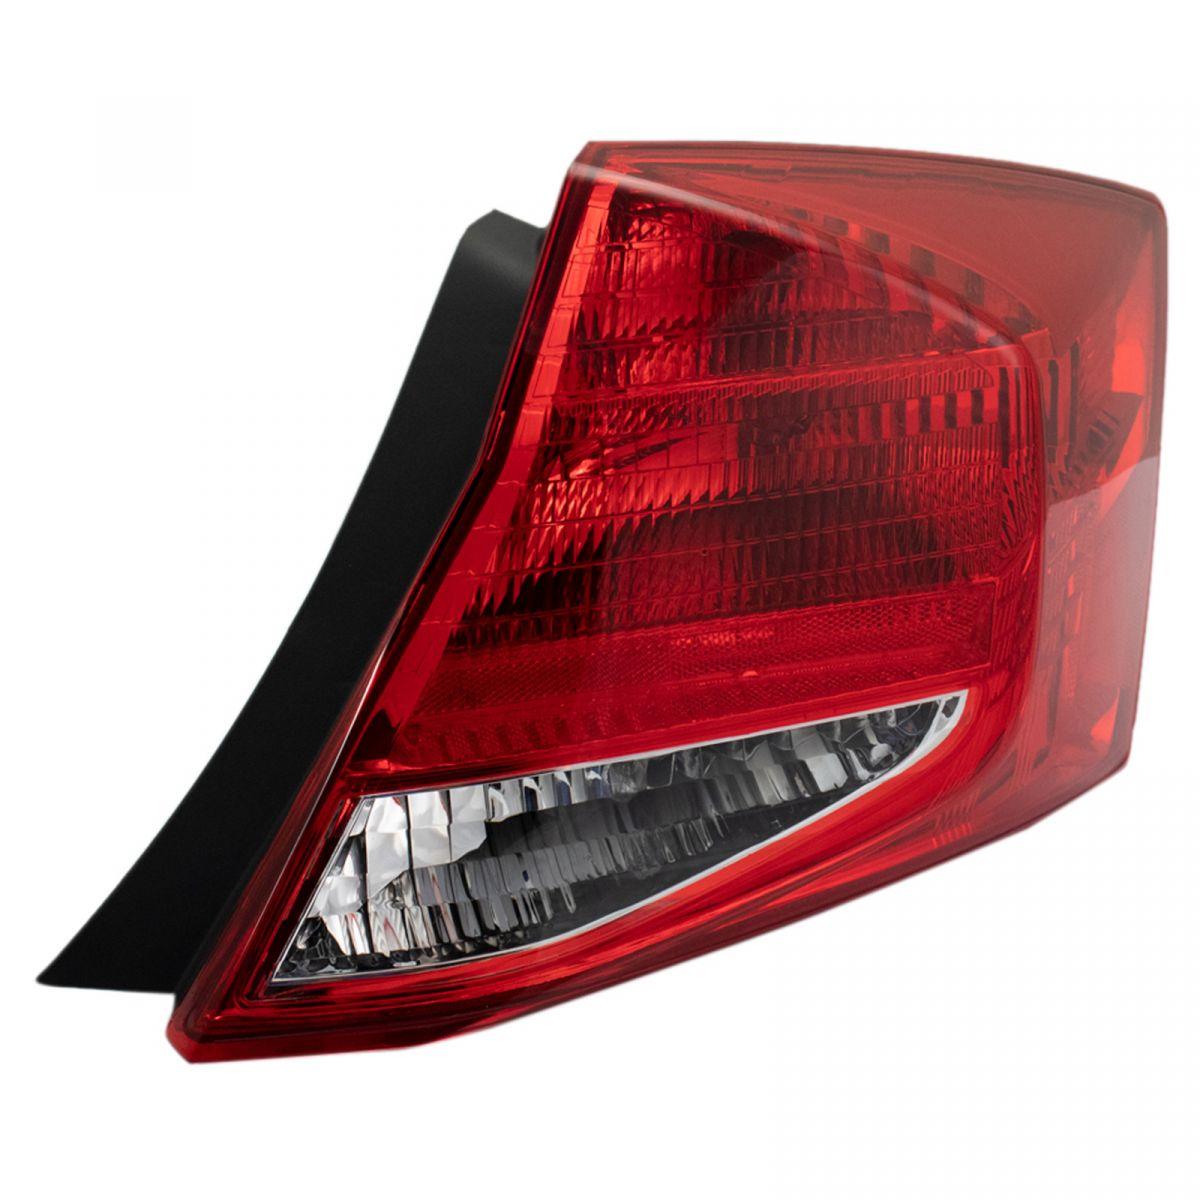 Rear Tail Light Lamp Assembly Inner RH RR Passenger Side for Honda Accord Sedan